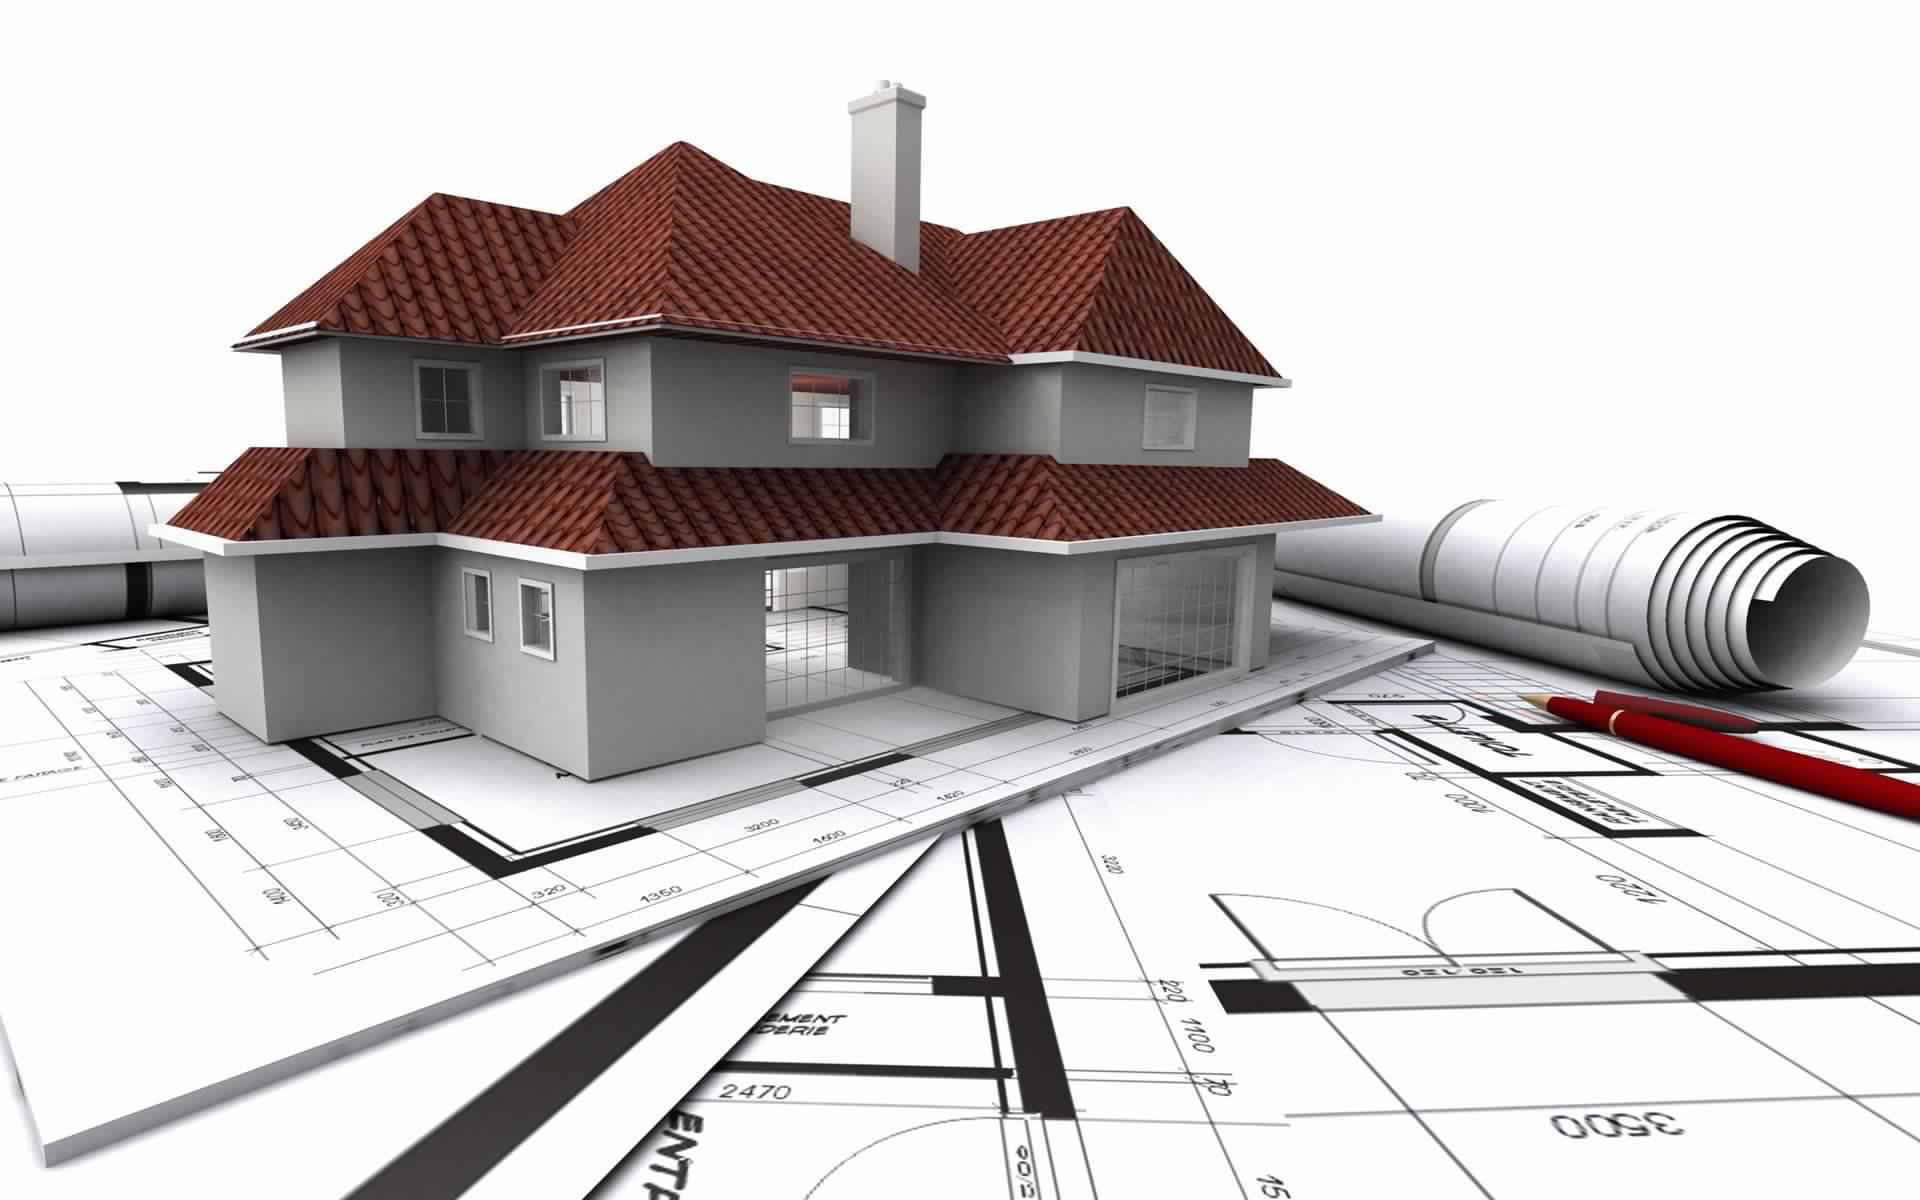 Projekt zagospodarowania domu na działce